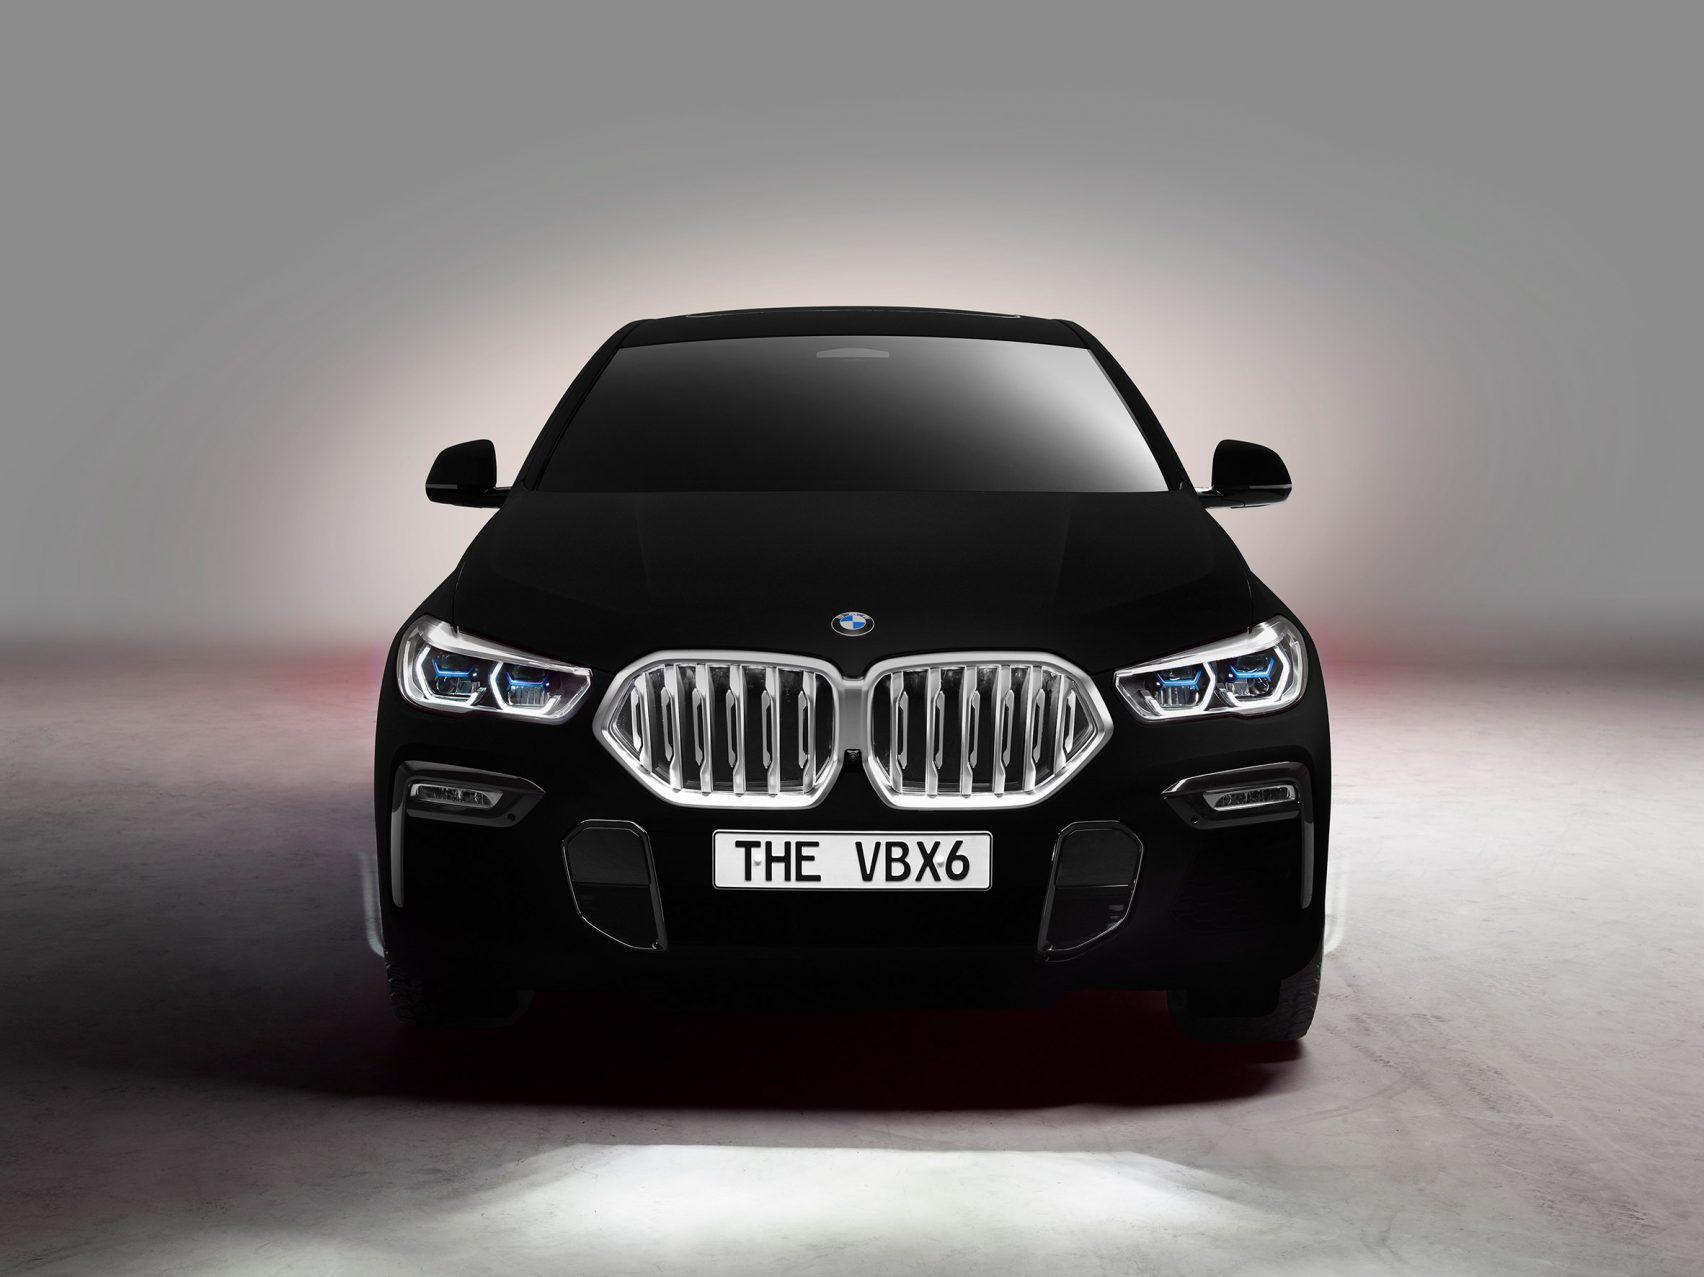 BMW, 세상에서 가장 어두운 밴타블랙 자동차 공개